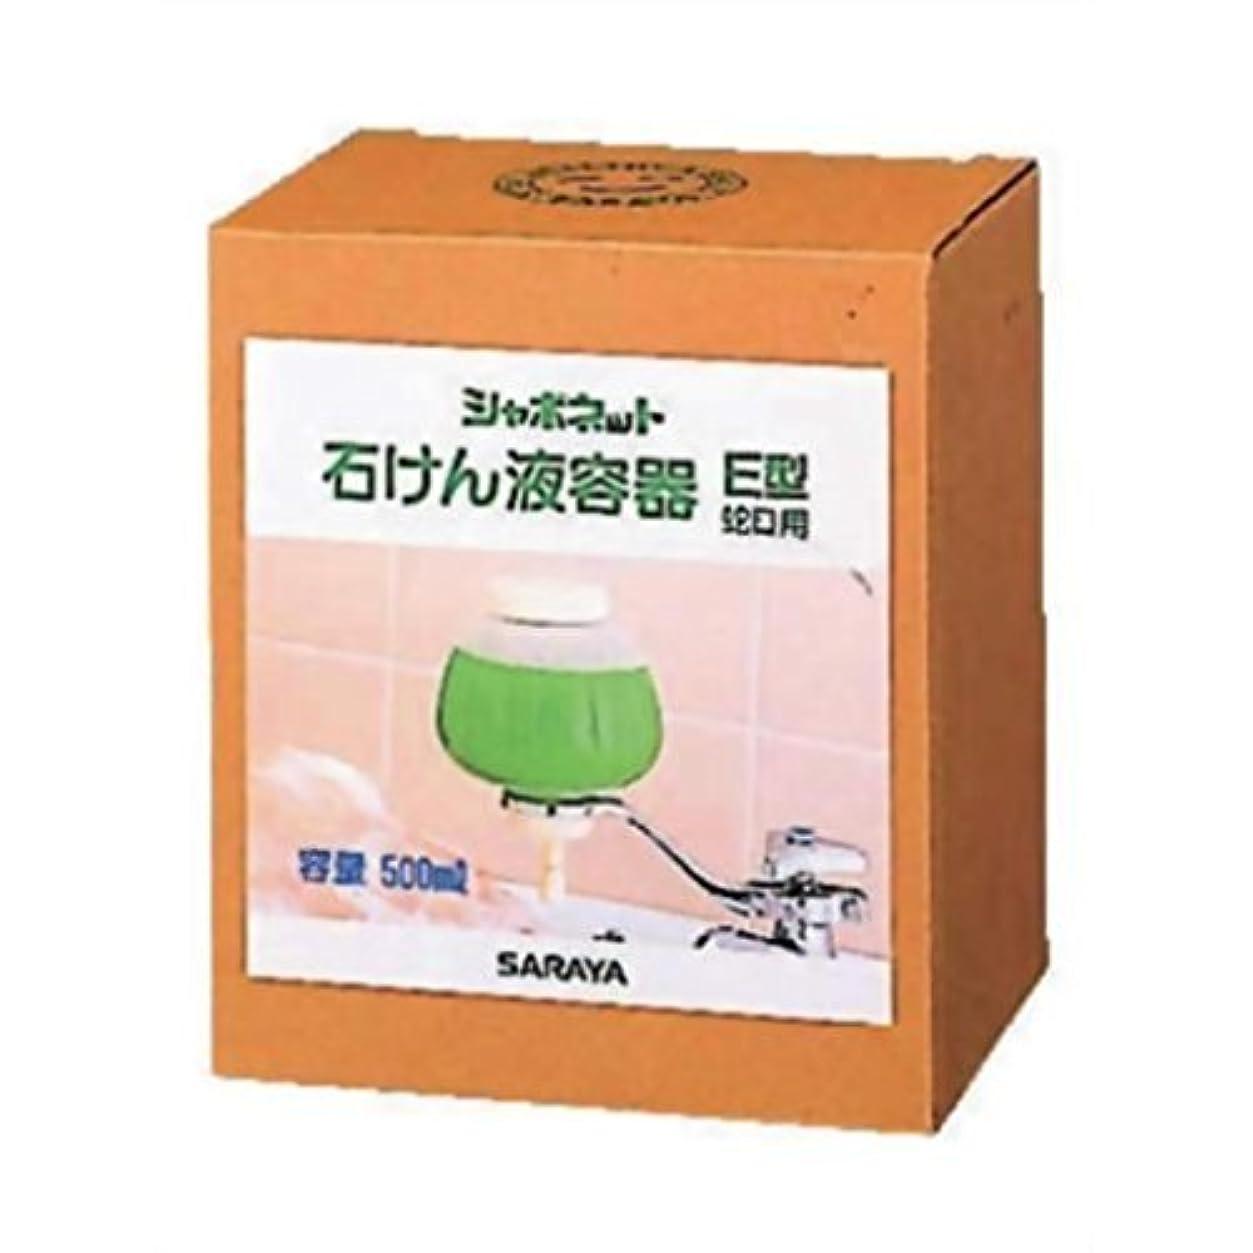 飲食店ペルソナ取り組む(まとめ買い)サラヤ シャボネット 容器E型蛇口用500ml 【×6セット】